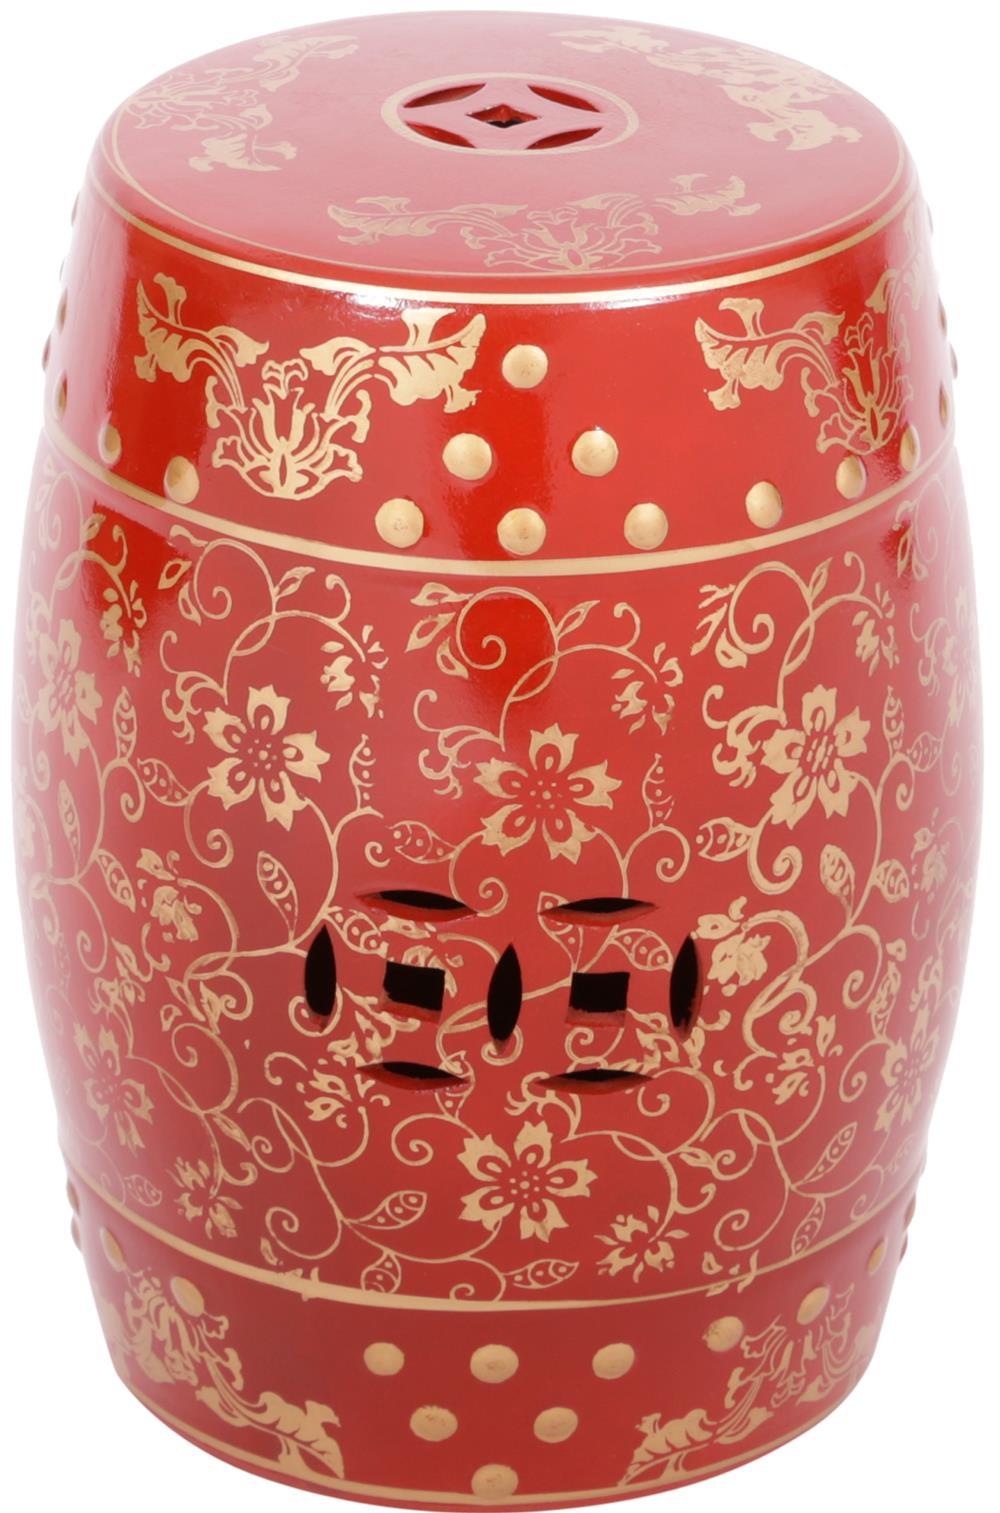 Seat Garden Maia Vermelho e Dourado - 43096